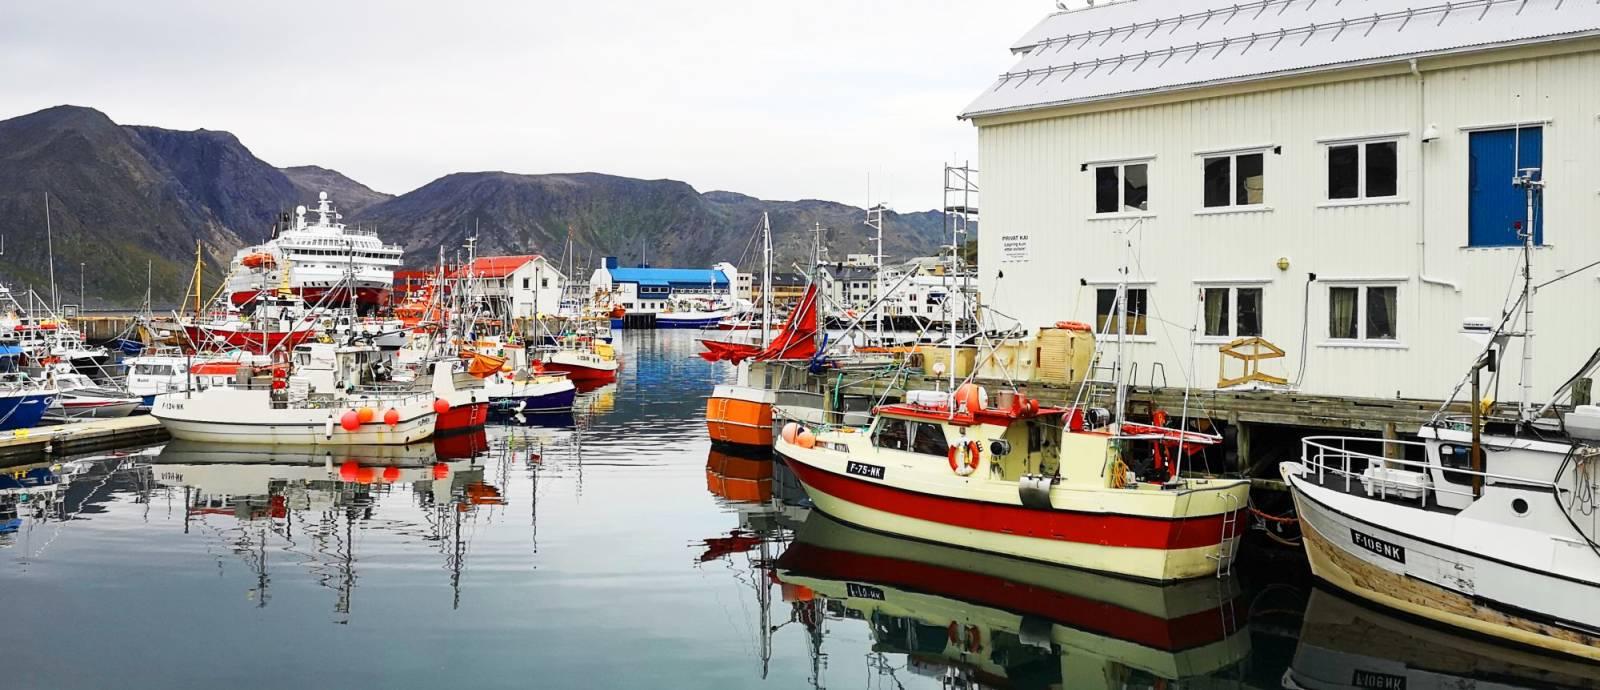 Havna i Honningsvåg. Foto: Ronny Wilhelmsen